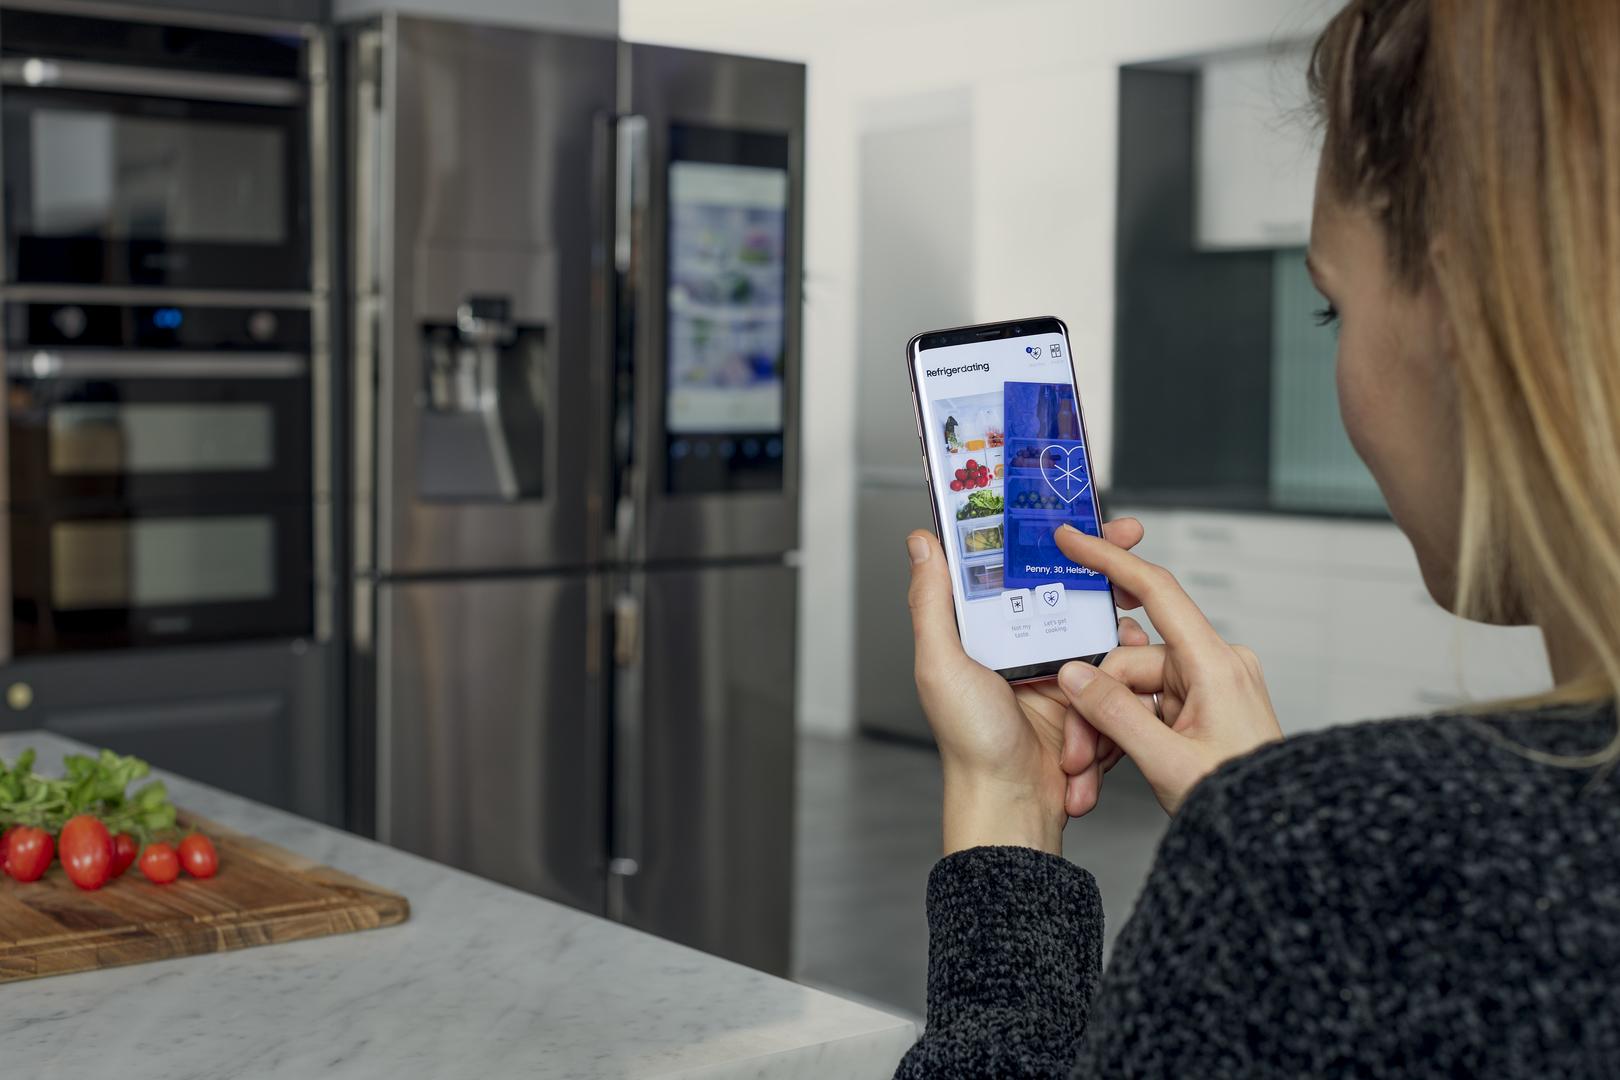 Сервис знакомств Samsung позволяет найти любовь по фотографиям содержимого холодильника